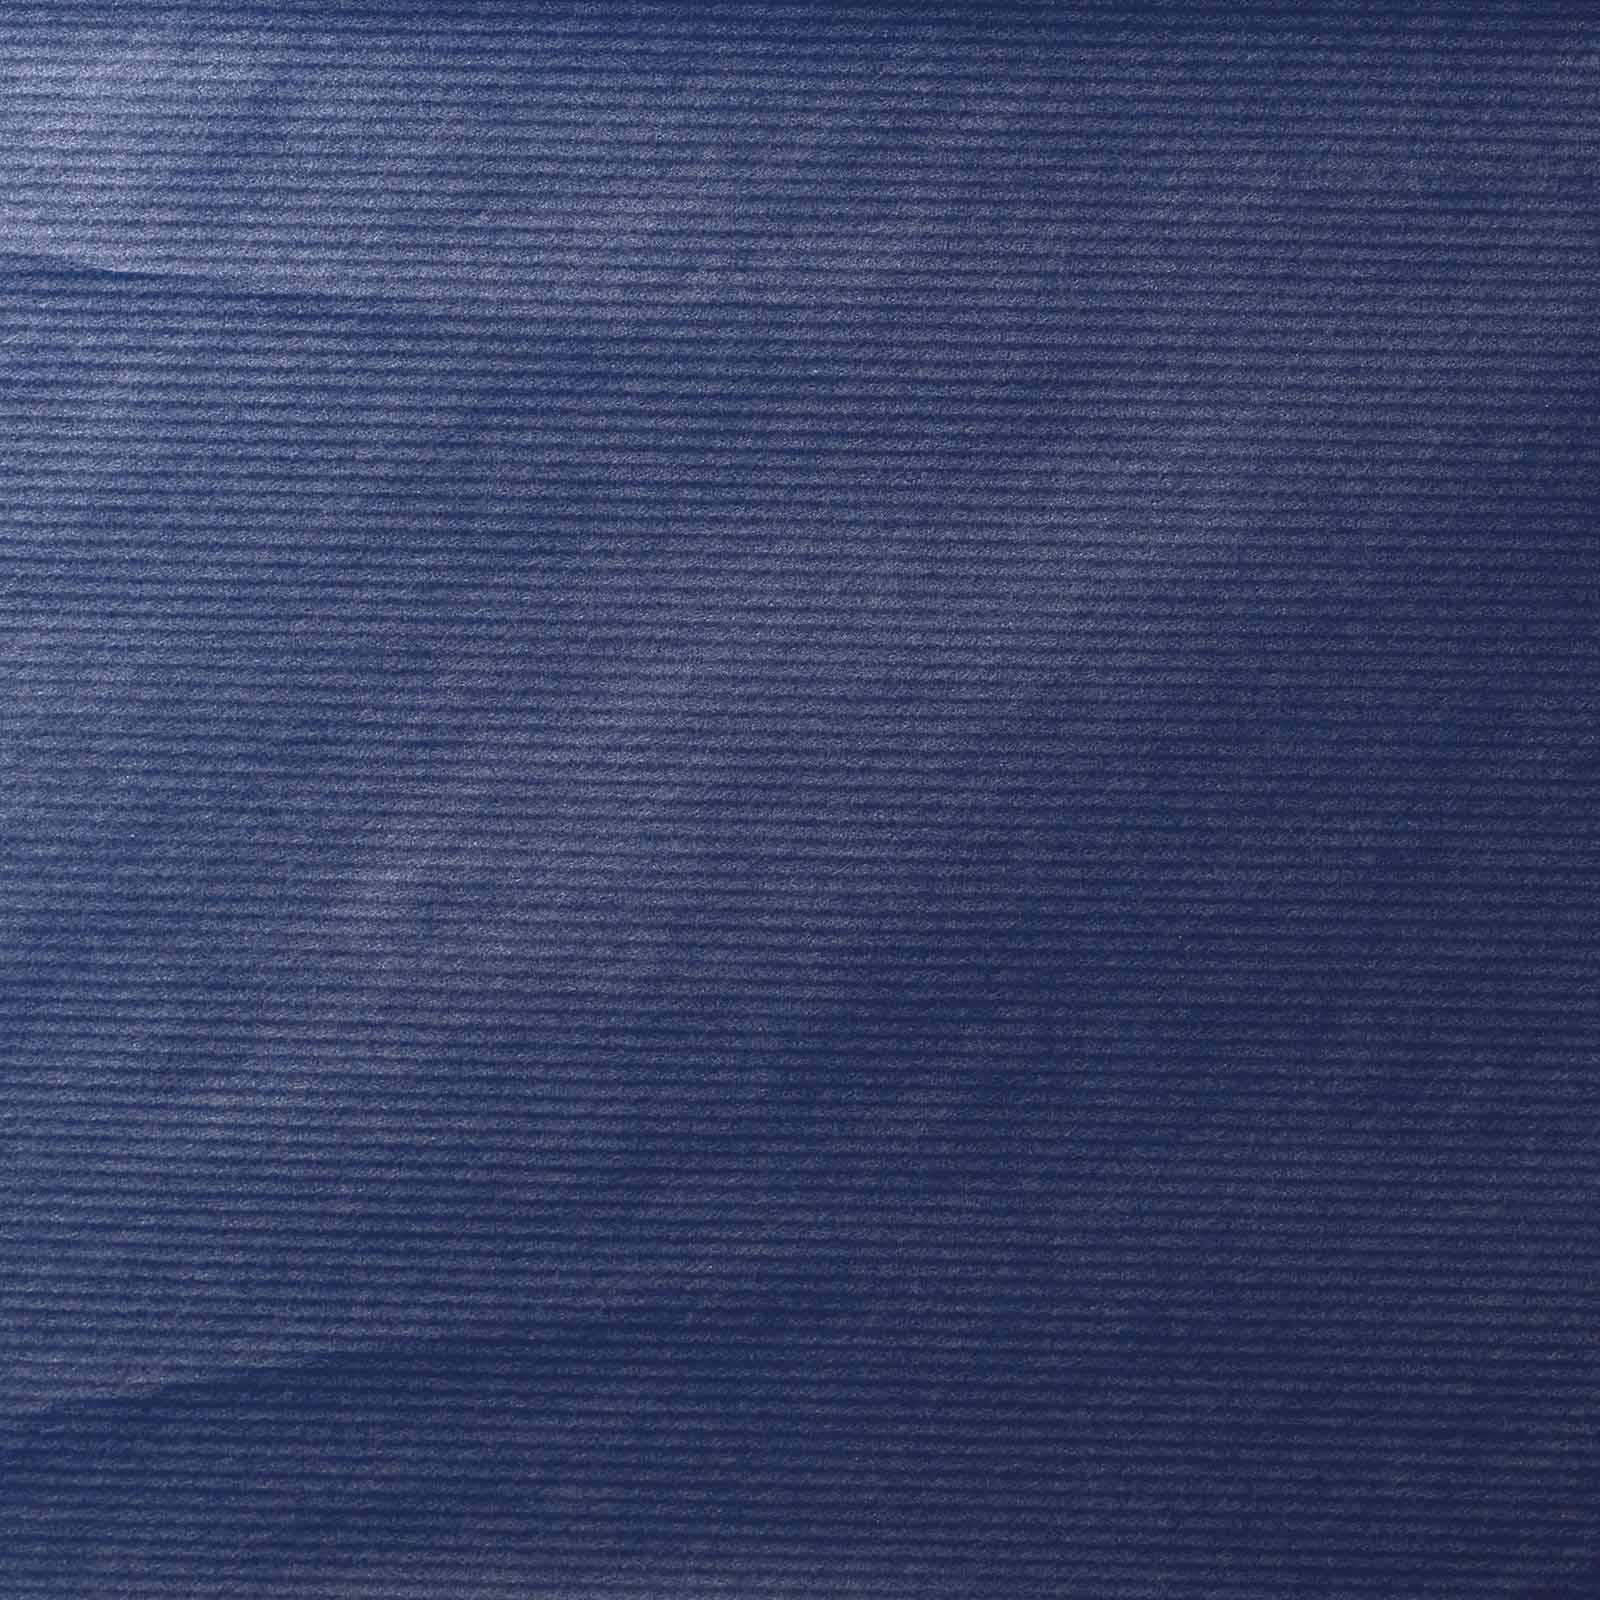 Geschenkpapier dunkelblau kraftpapier gerippt for Restposten dekoartikel